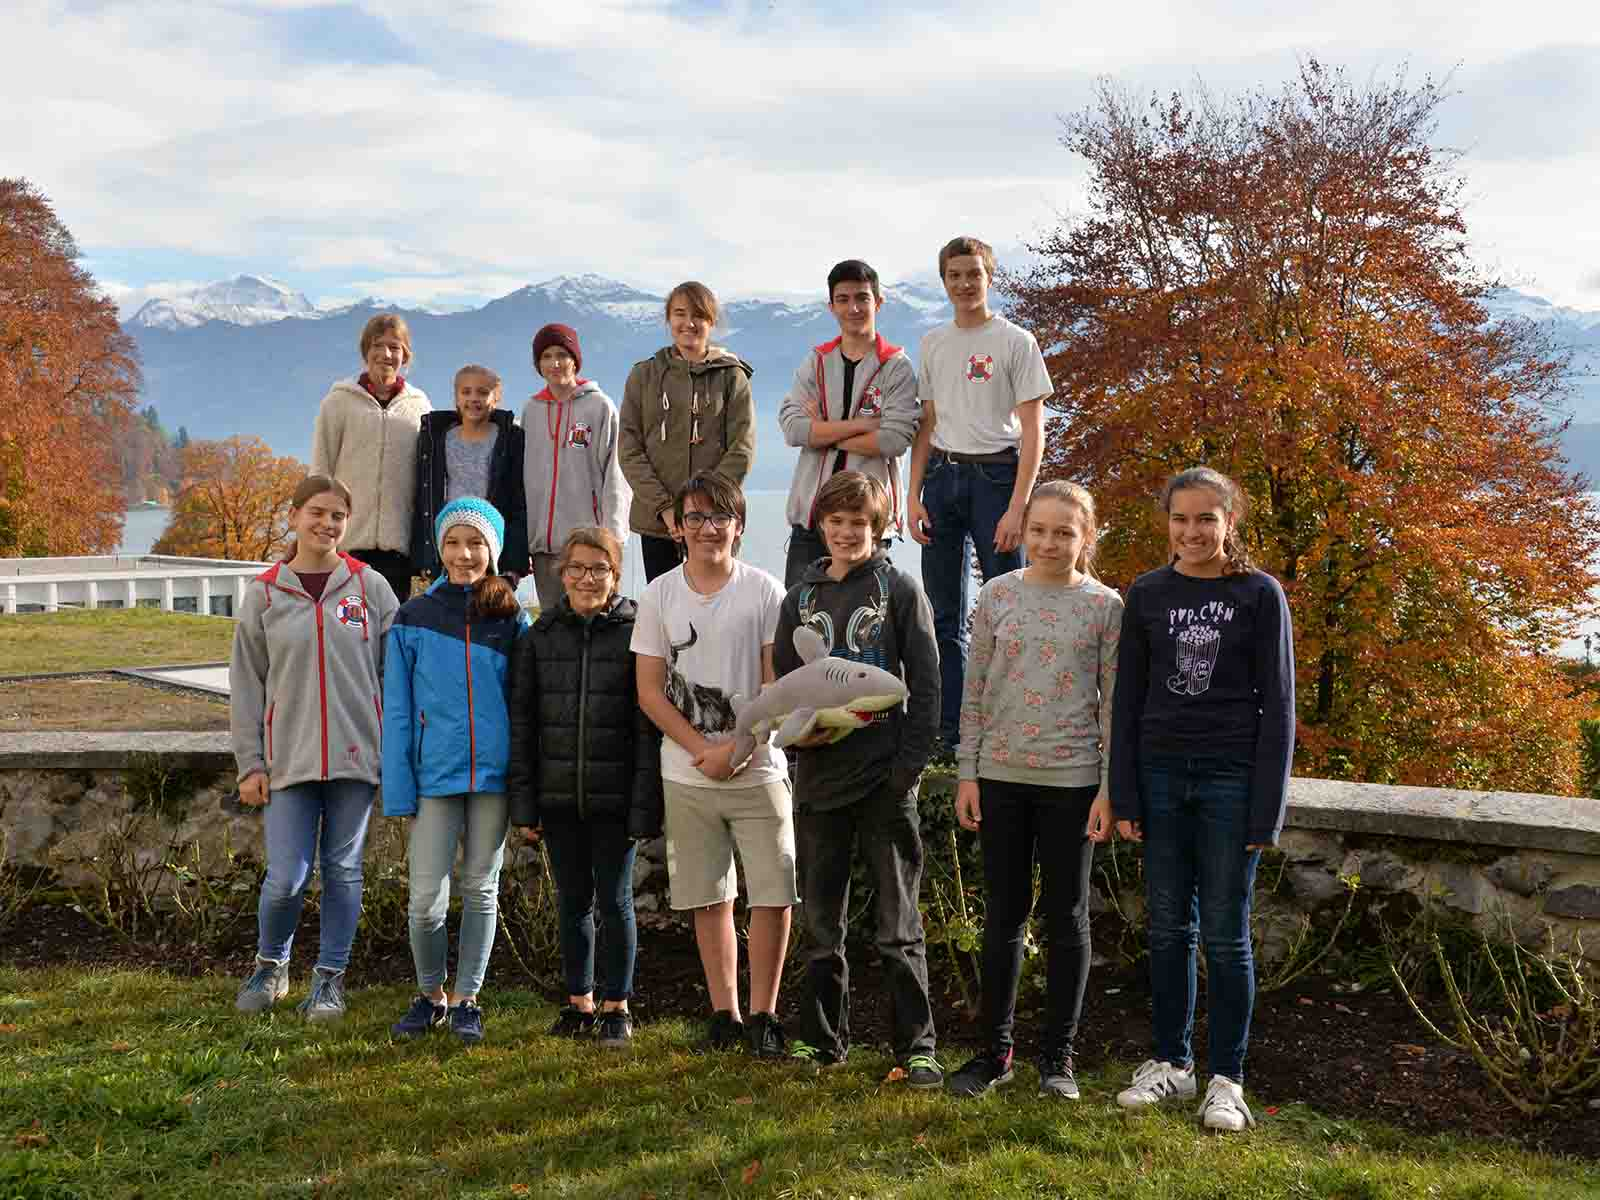 Die SLRG reiste zum Wettkampf nach Oberhofen am Thunersee.